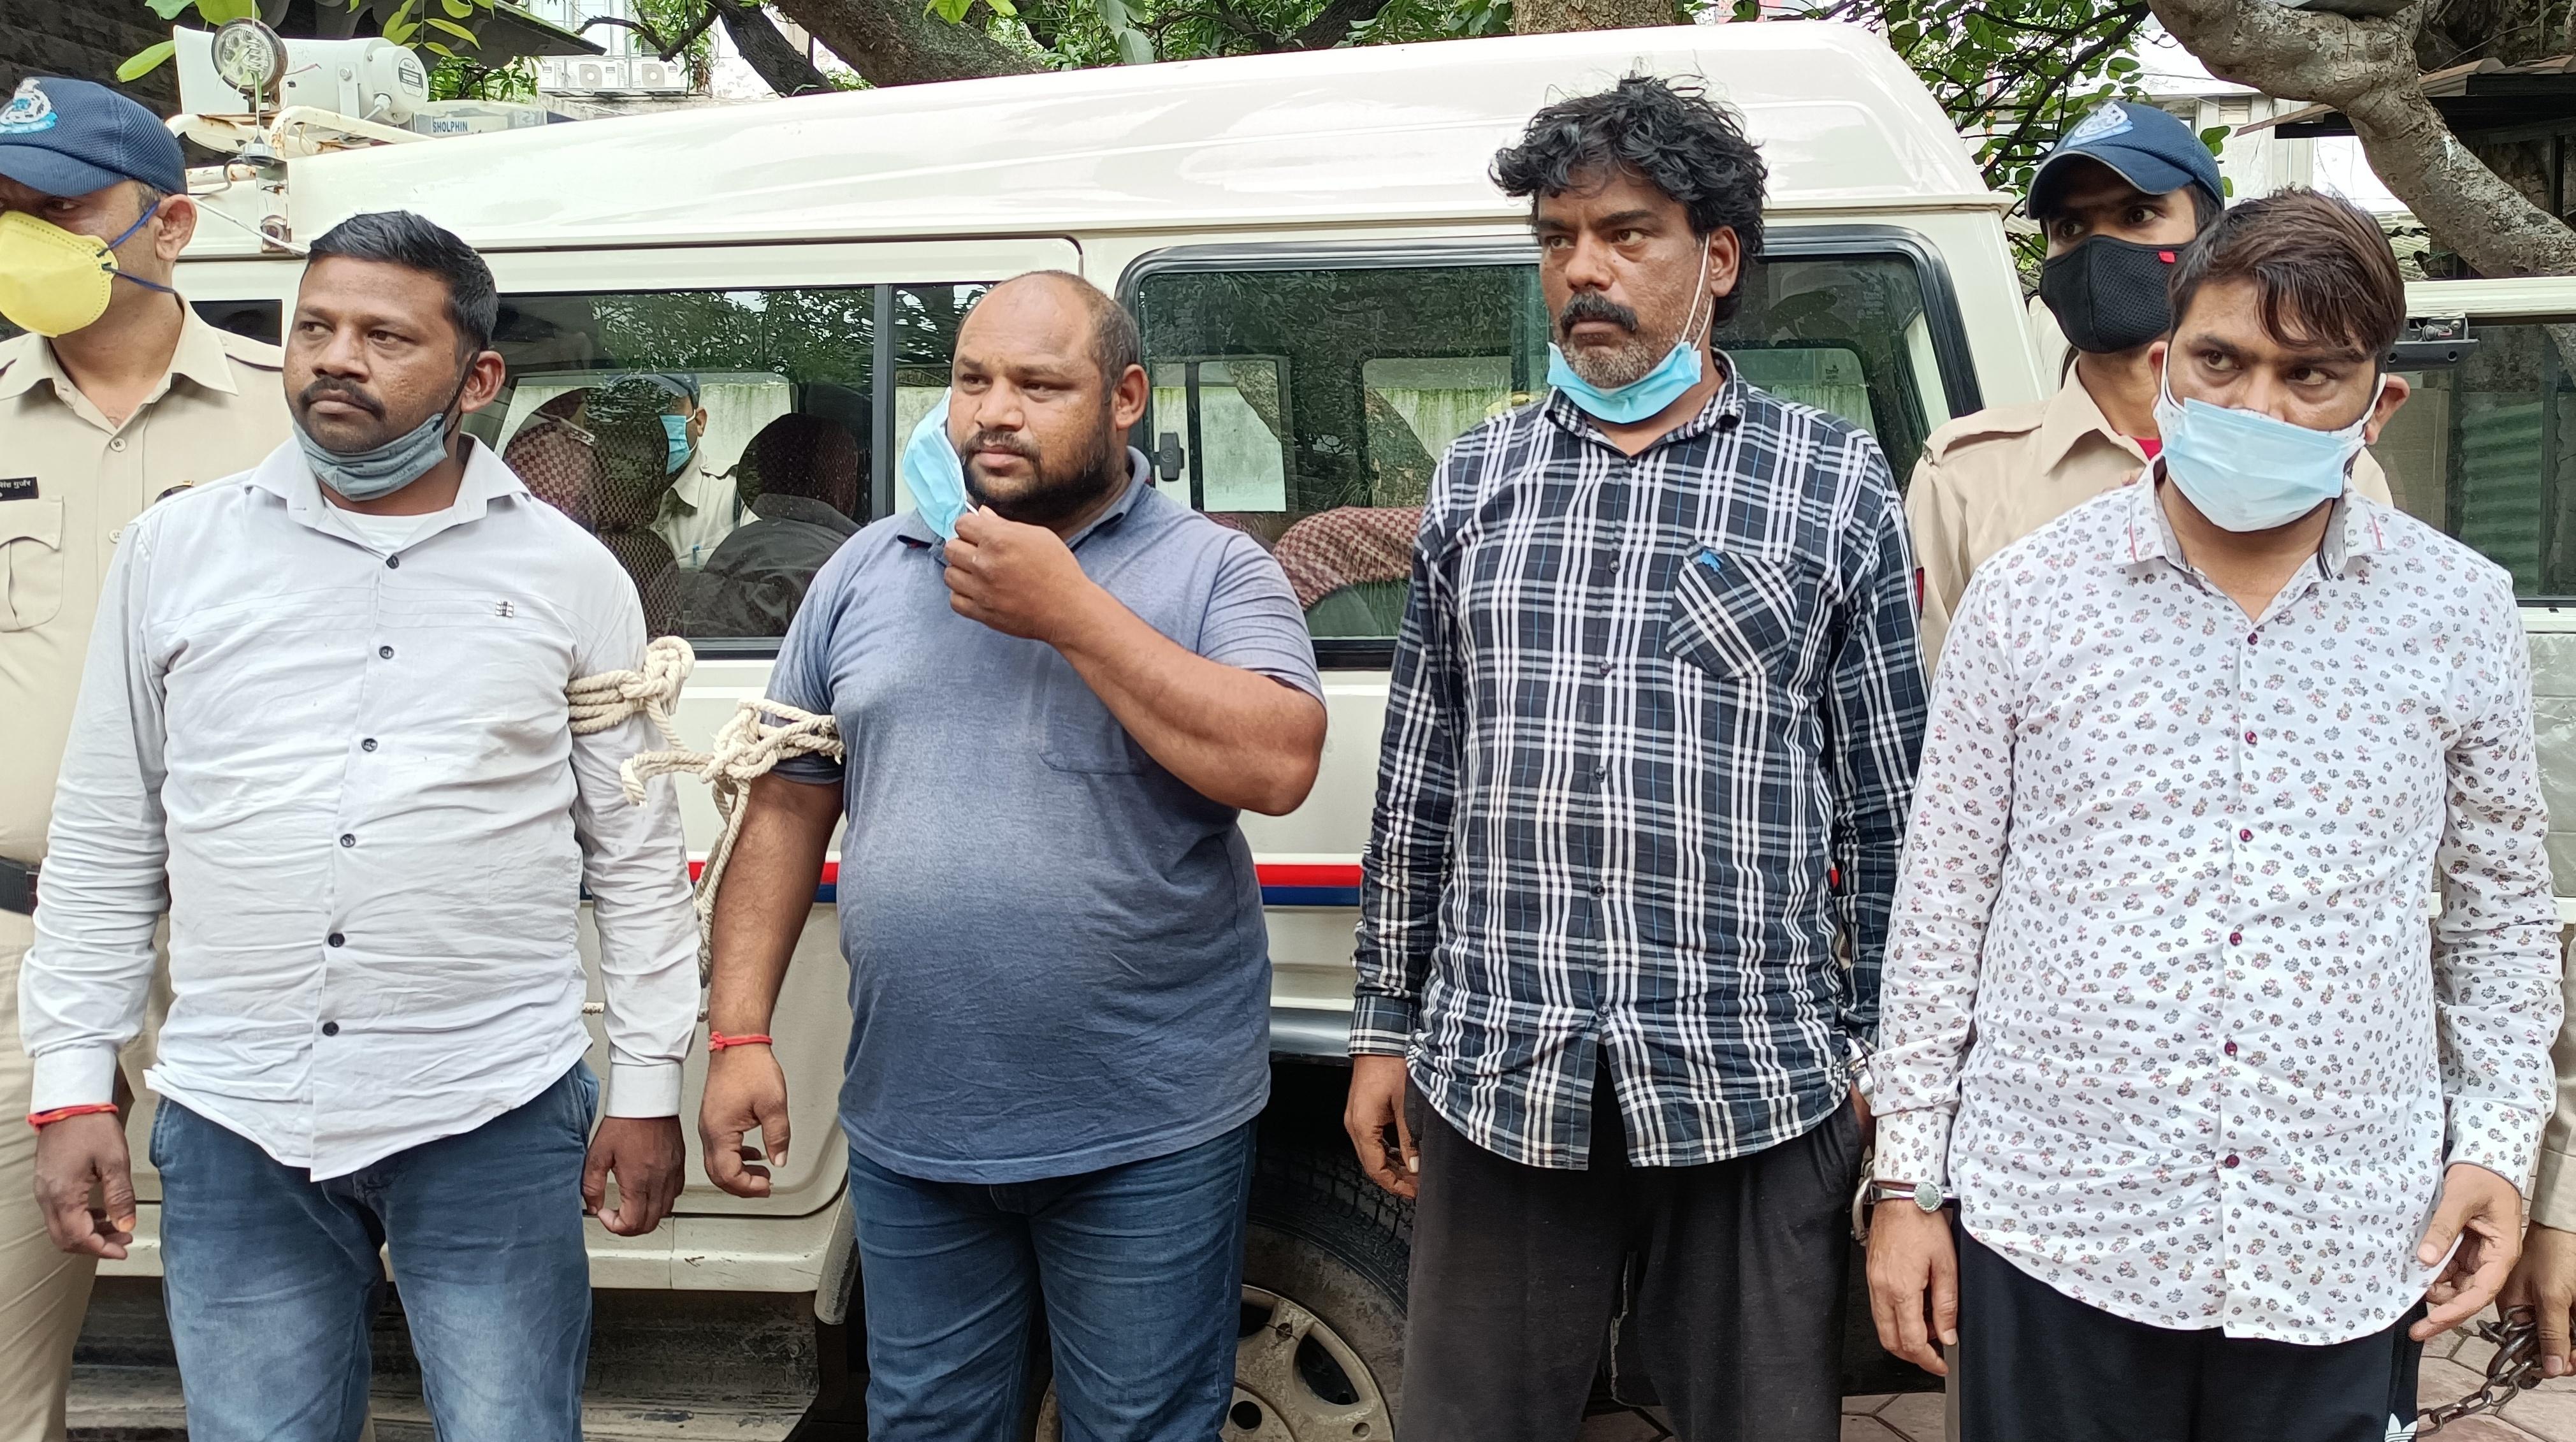 Poisonous Liquor Case Indore: इंदौर के तस्करों ने बेचे स्पिरिट-स्टीकर और नकली होलोग्राम, शराब माफिया कालका है मास्टर माइंड